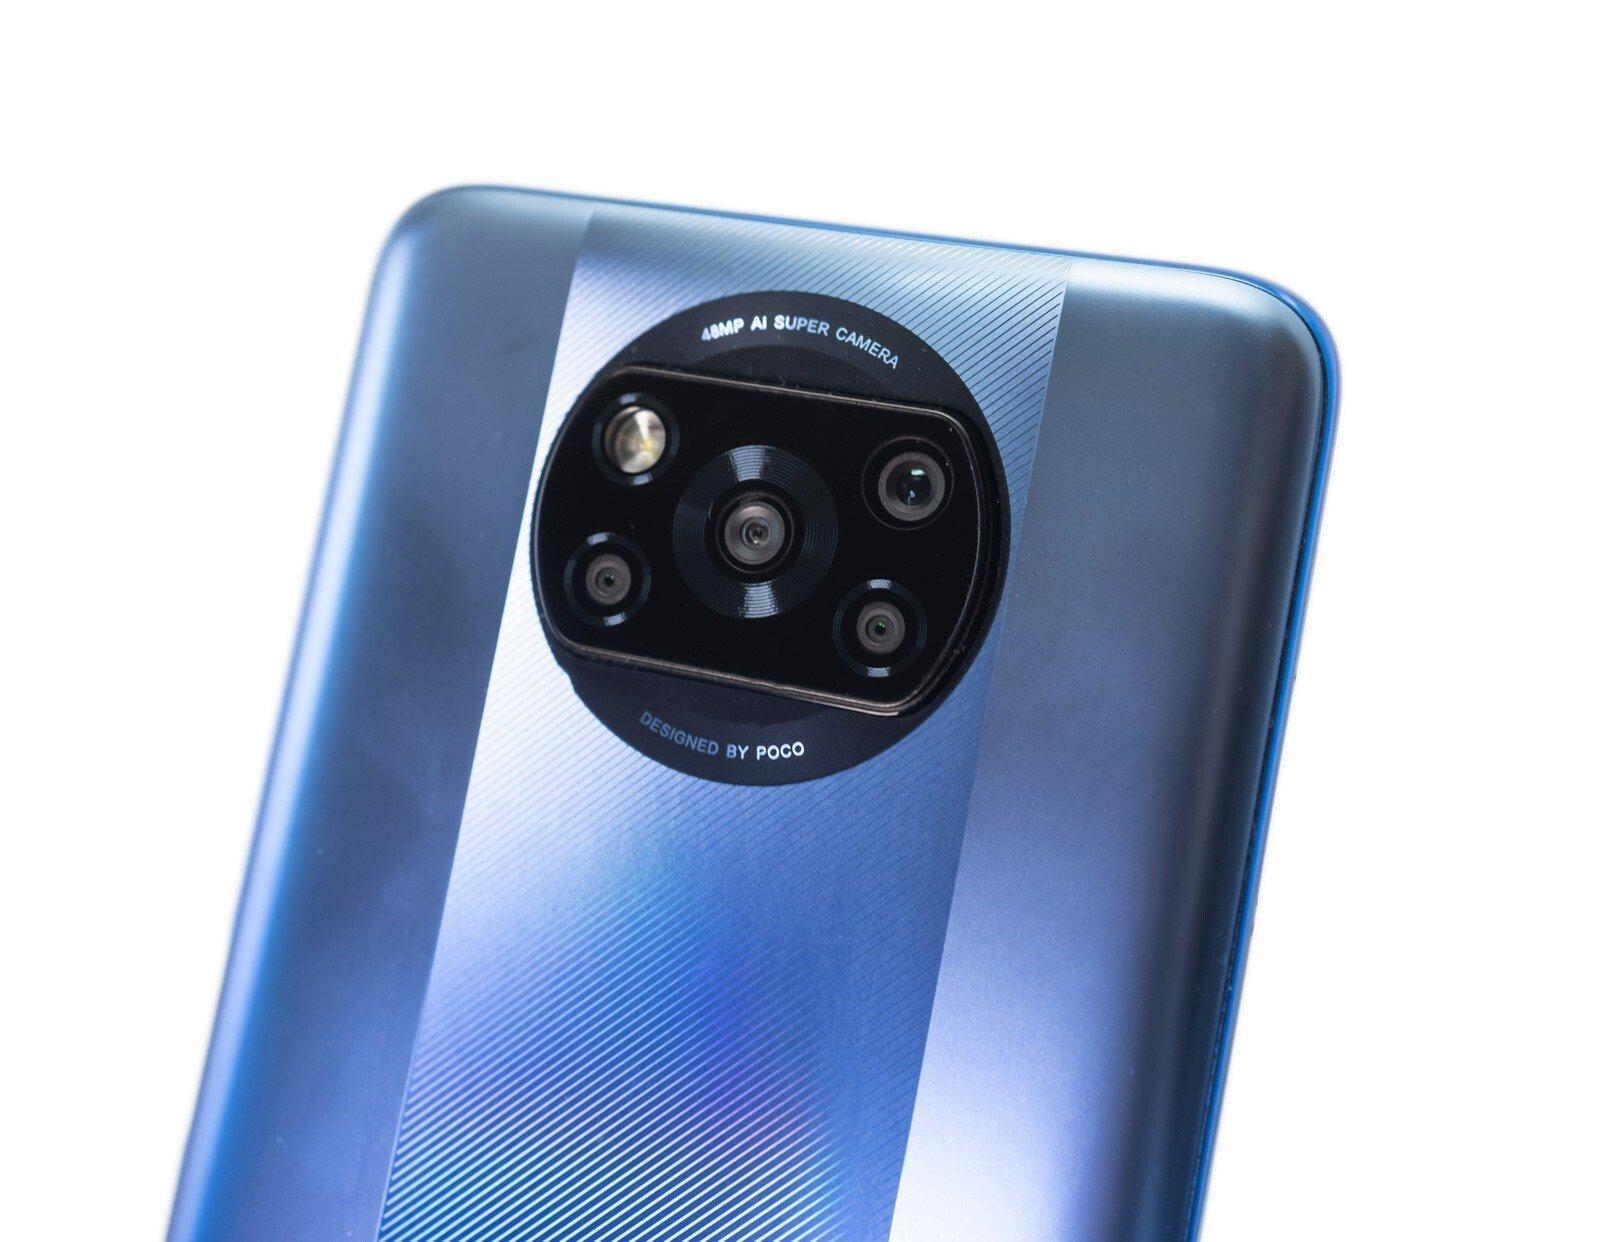 首款 S860 處理器手機!POCO X3 Pro 性能電力實測,還有 5160mAh 大容量電池! @3C 達人廖阿輝